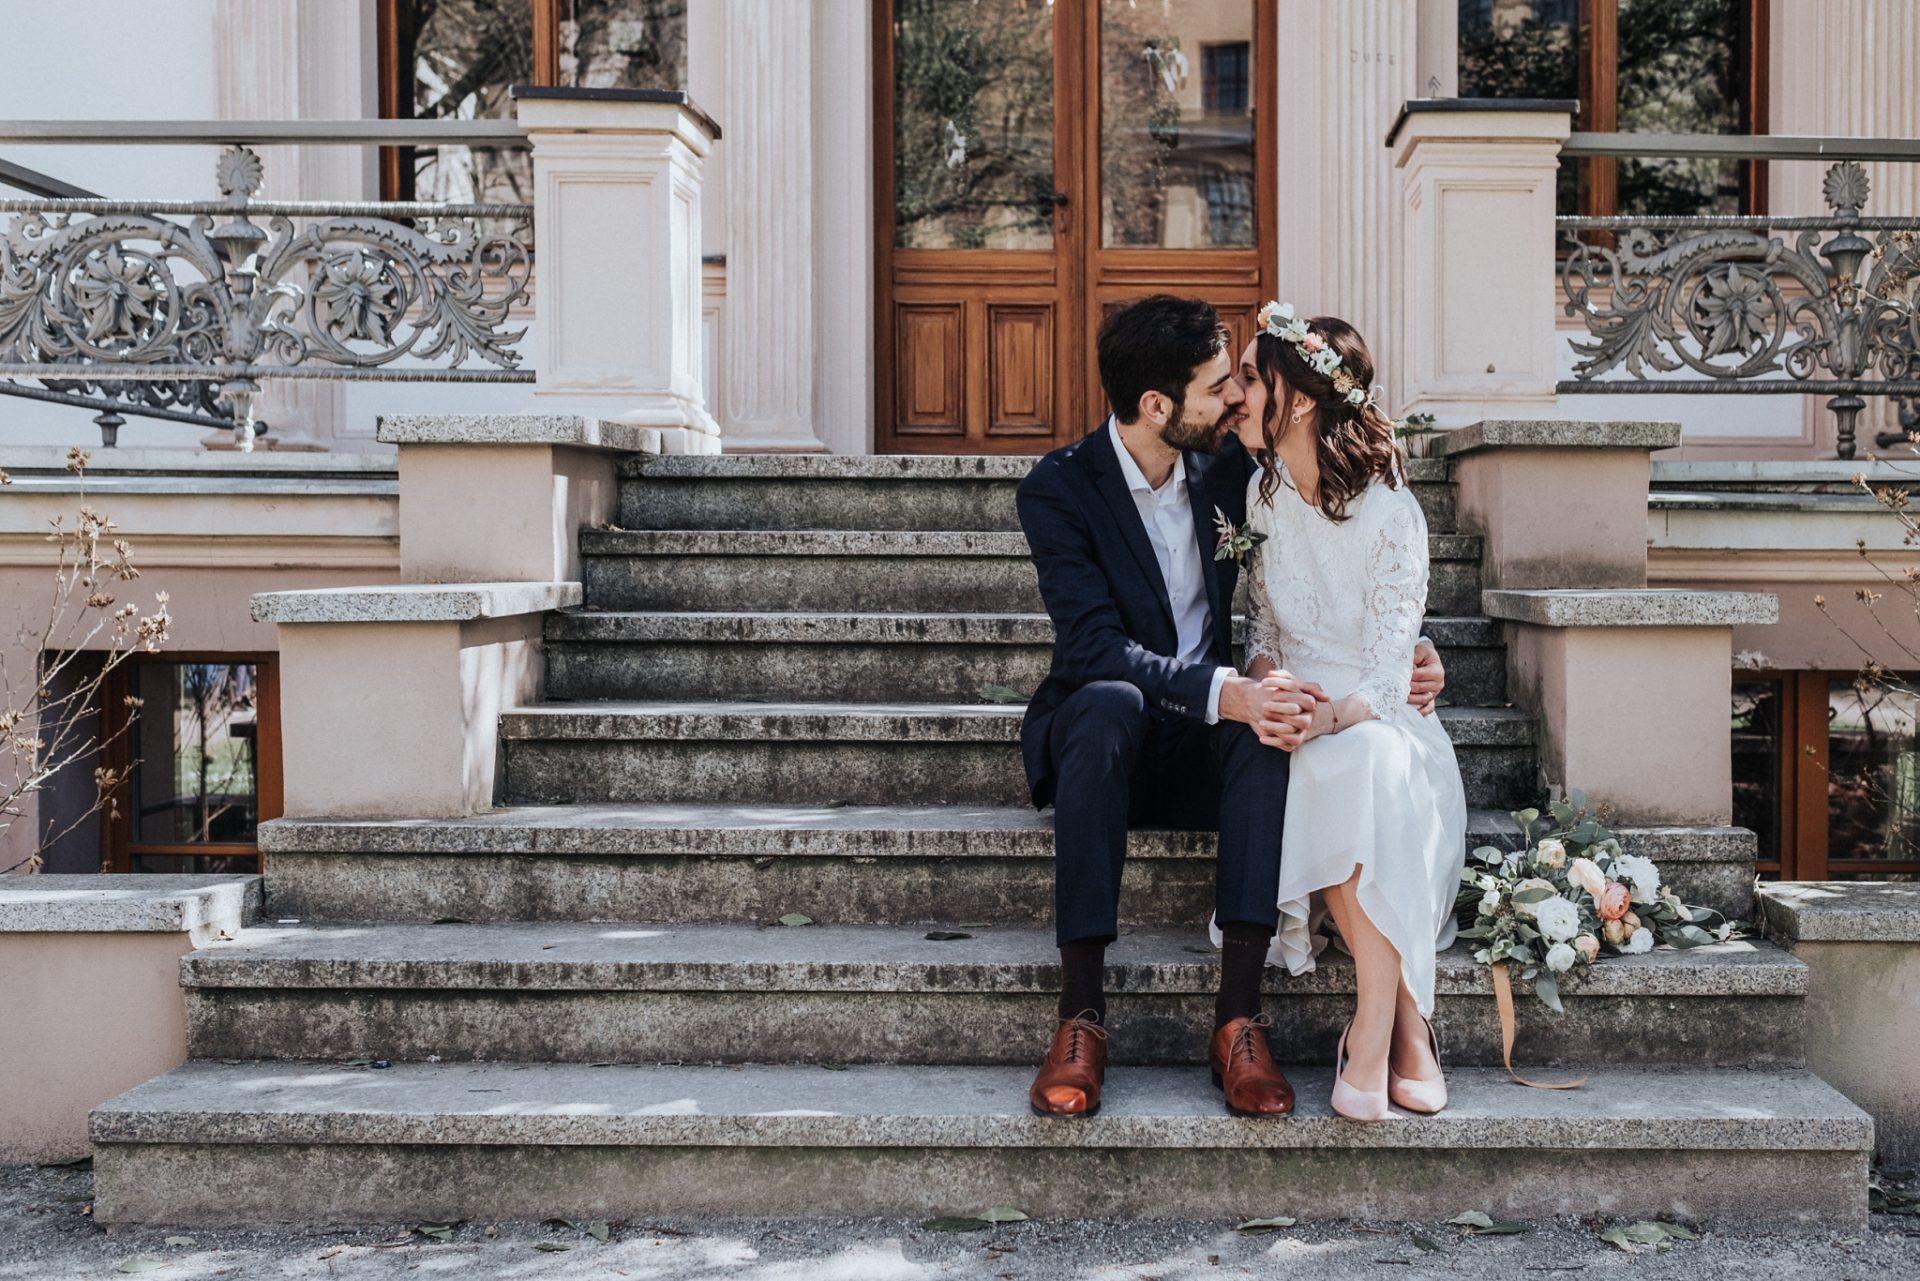 Kleine Intime Hochzeit Zu Zweit Eure Tinywedding Wahrend Corona Hochzeitsfotograf Berlin Casual Braut Kleine Hochzeiten Kleine Hochzeit